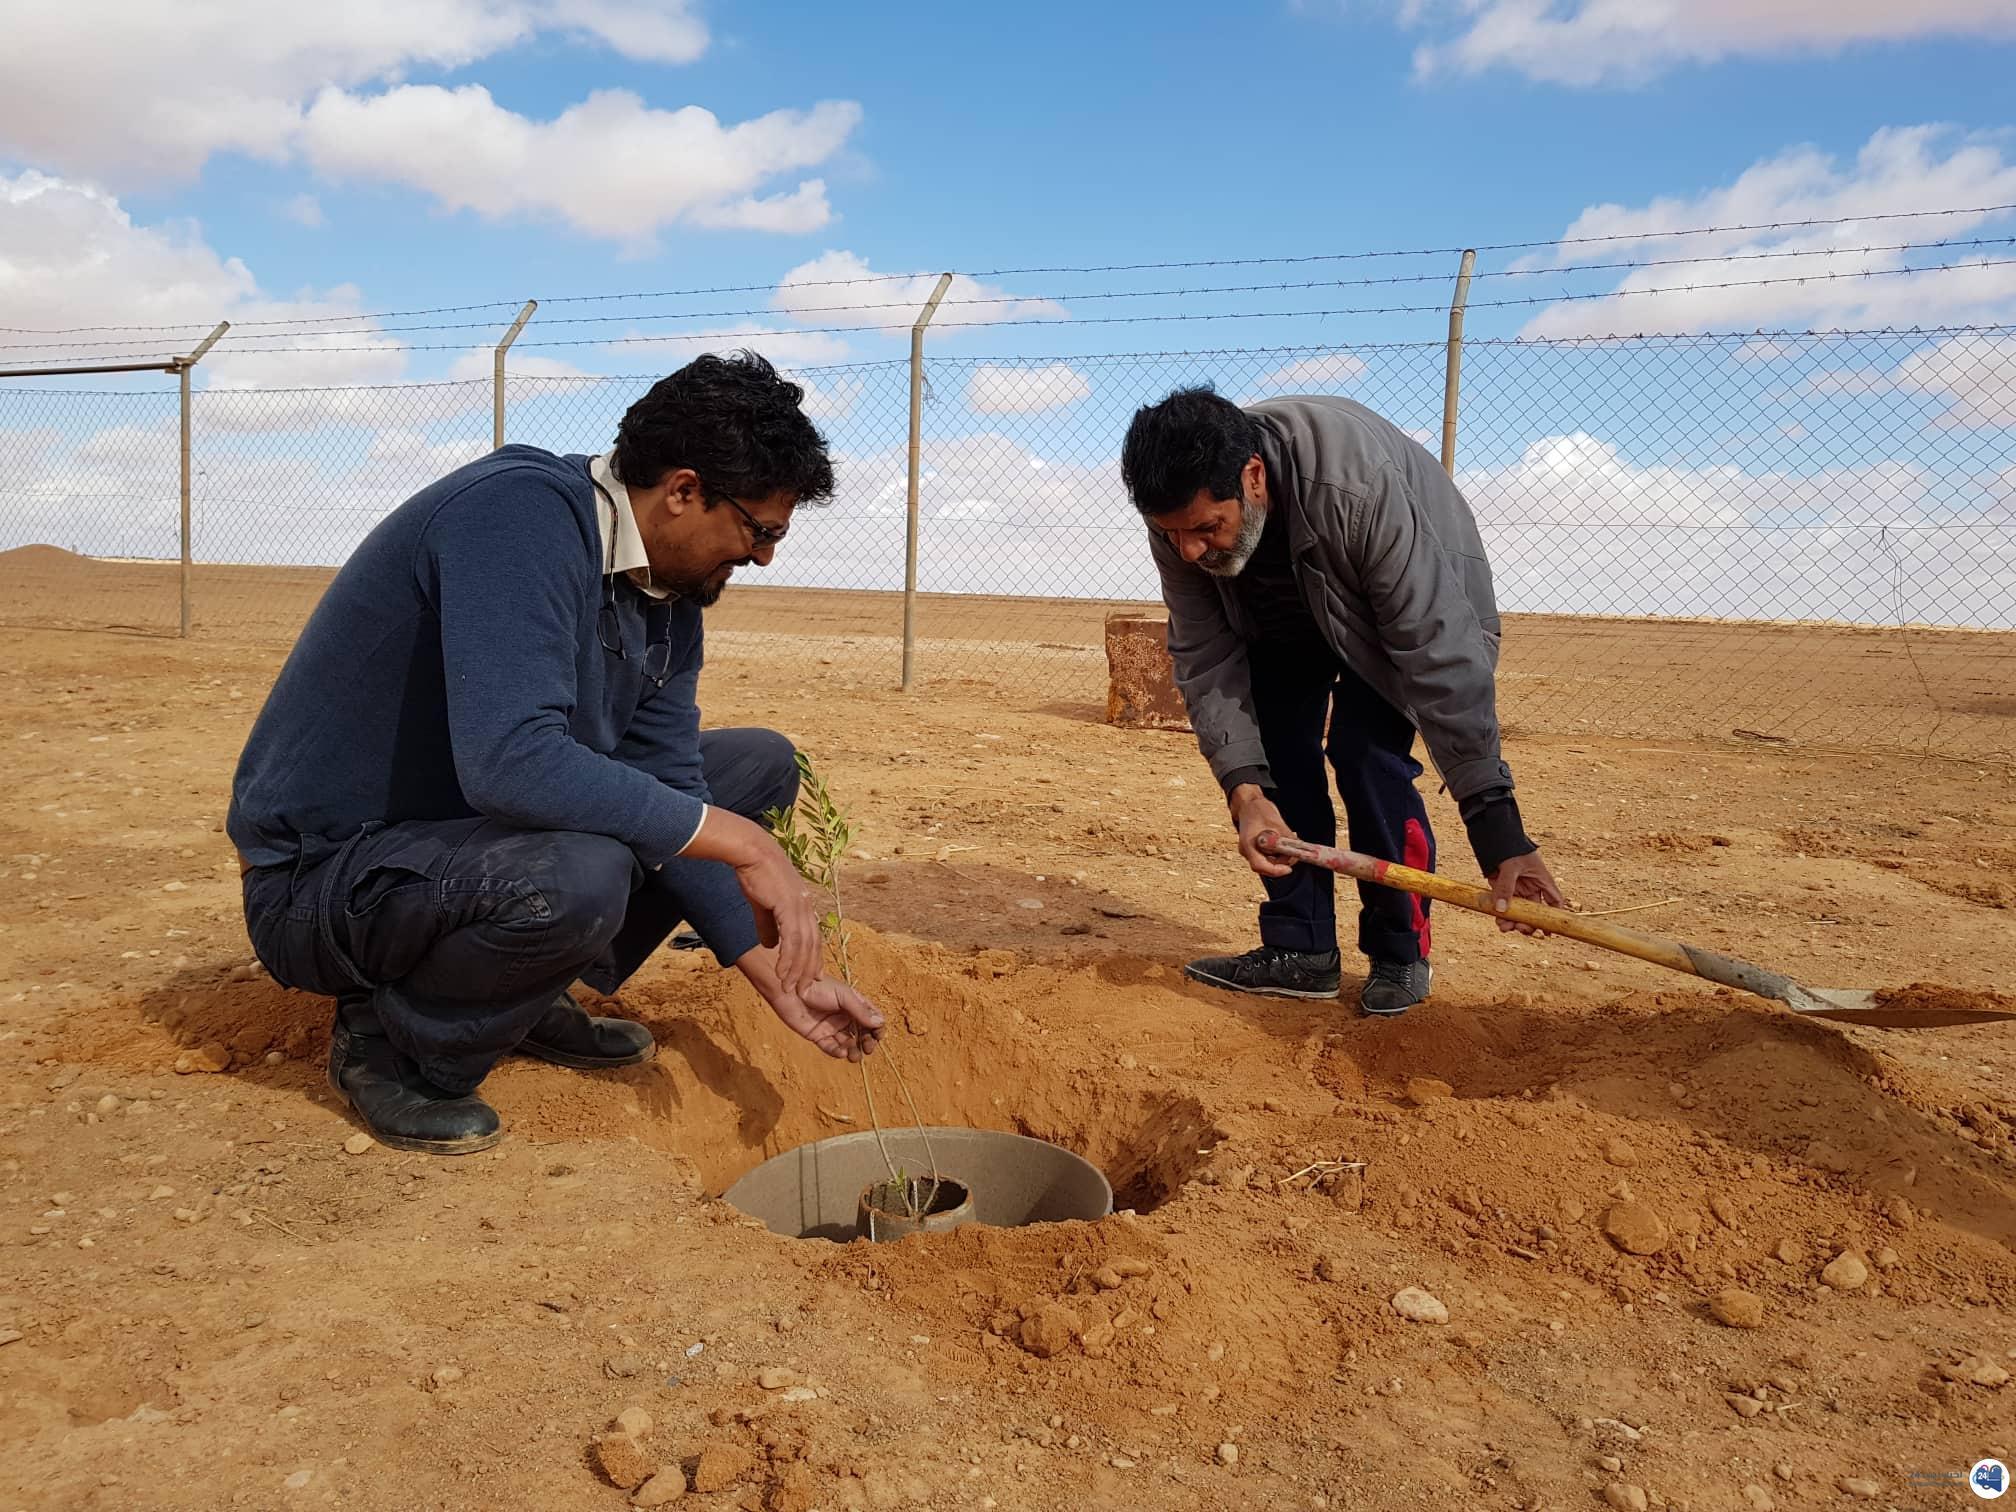 """صورة لأول مرة في ليبيا .. تجربة تقنية """"كاكون"""" الحديثة لتوفير مياه الري"""